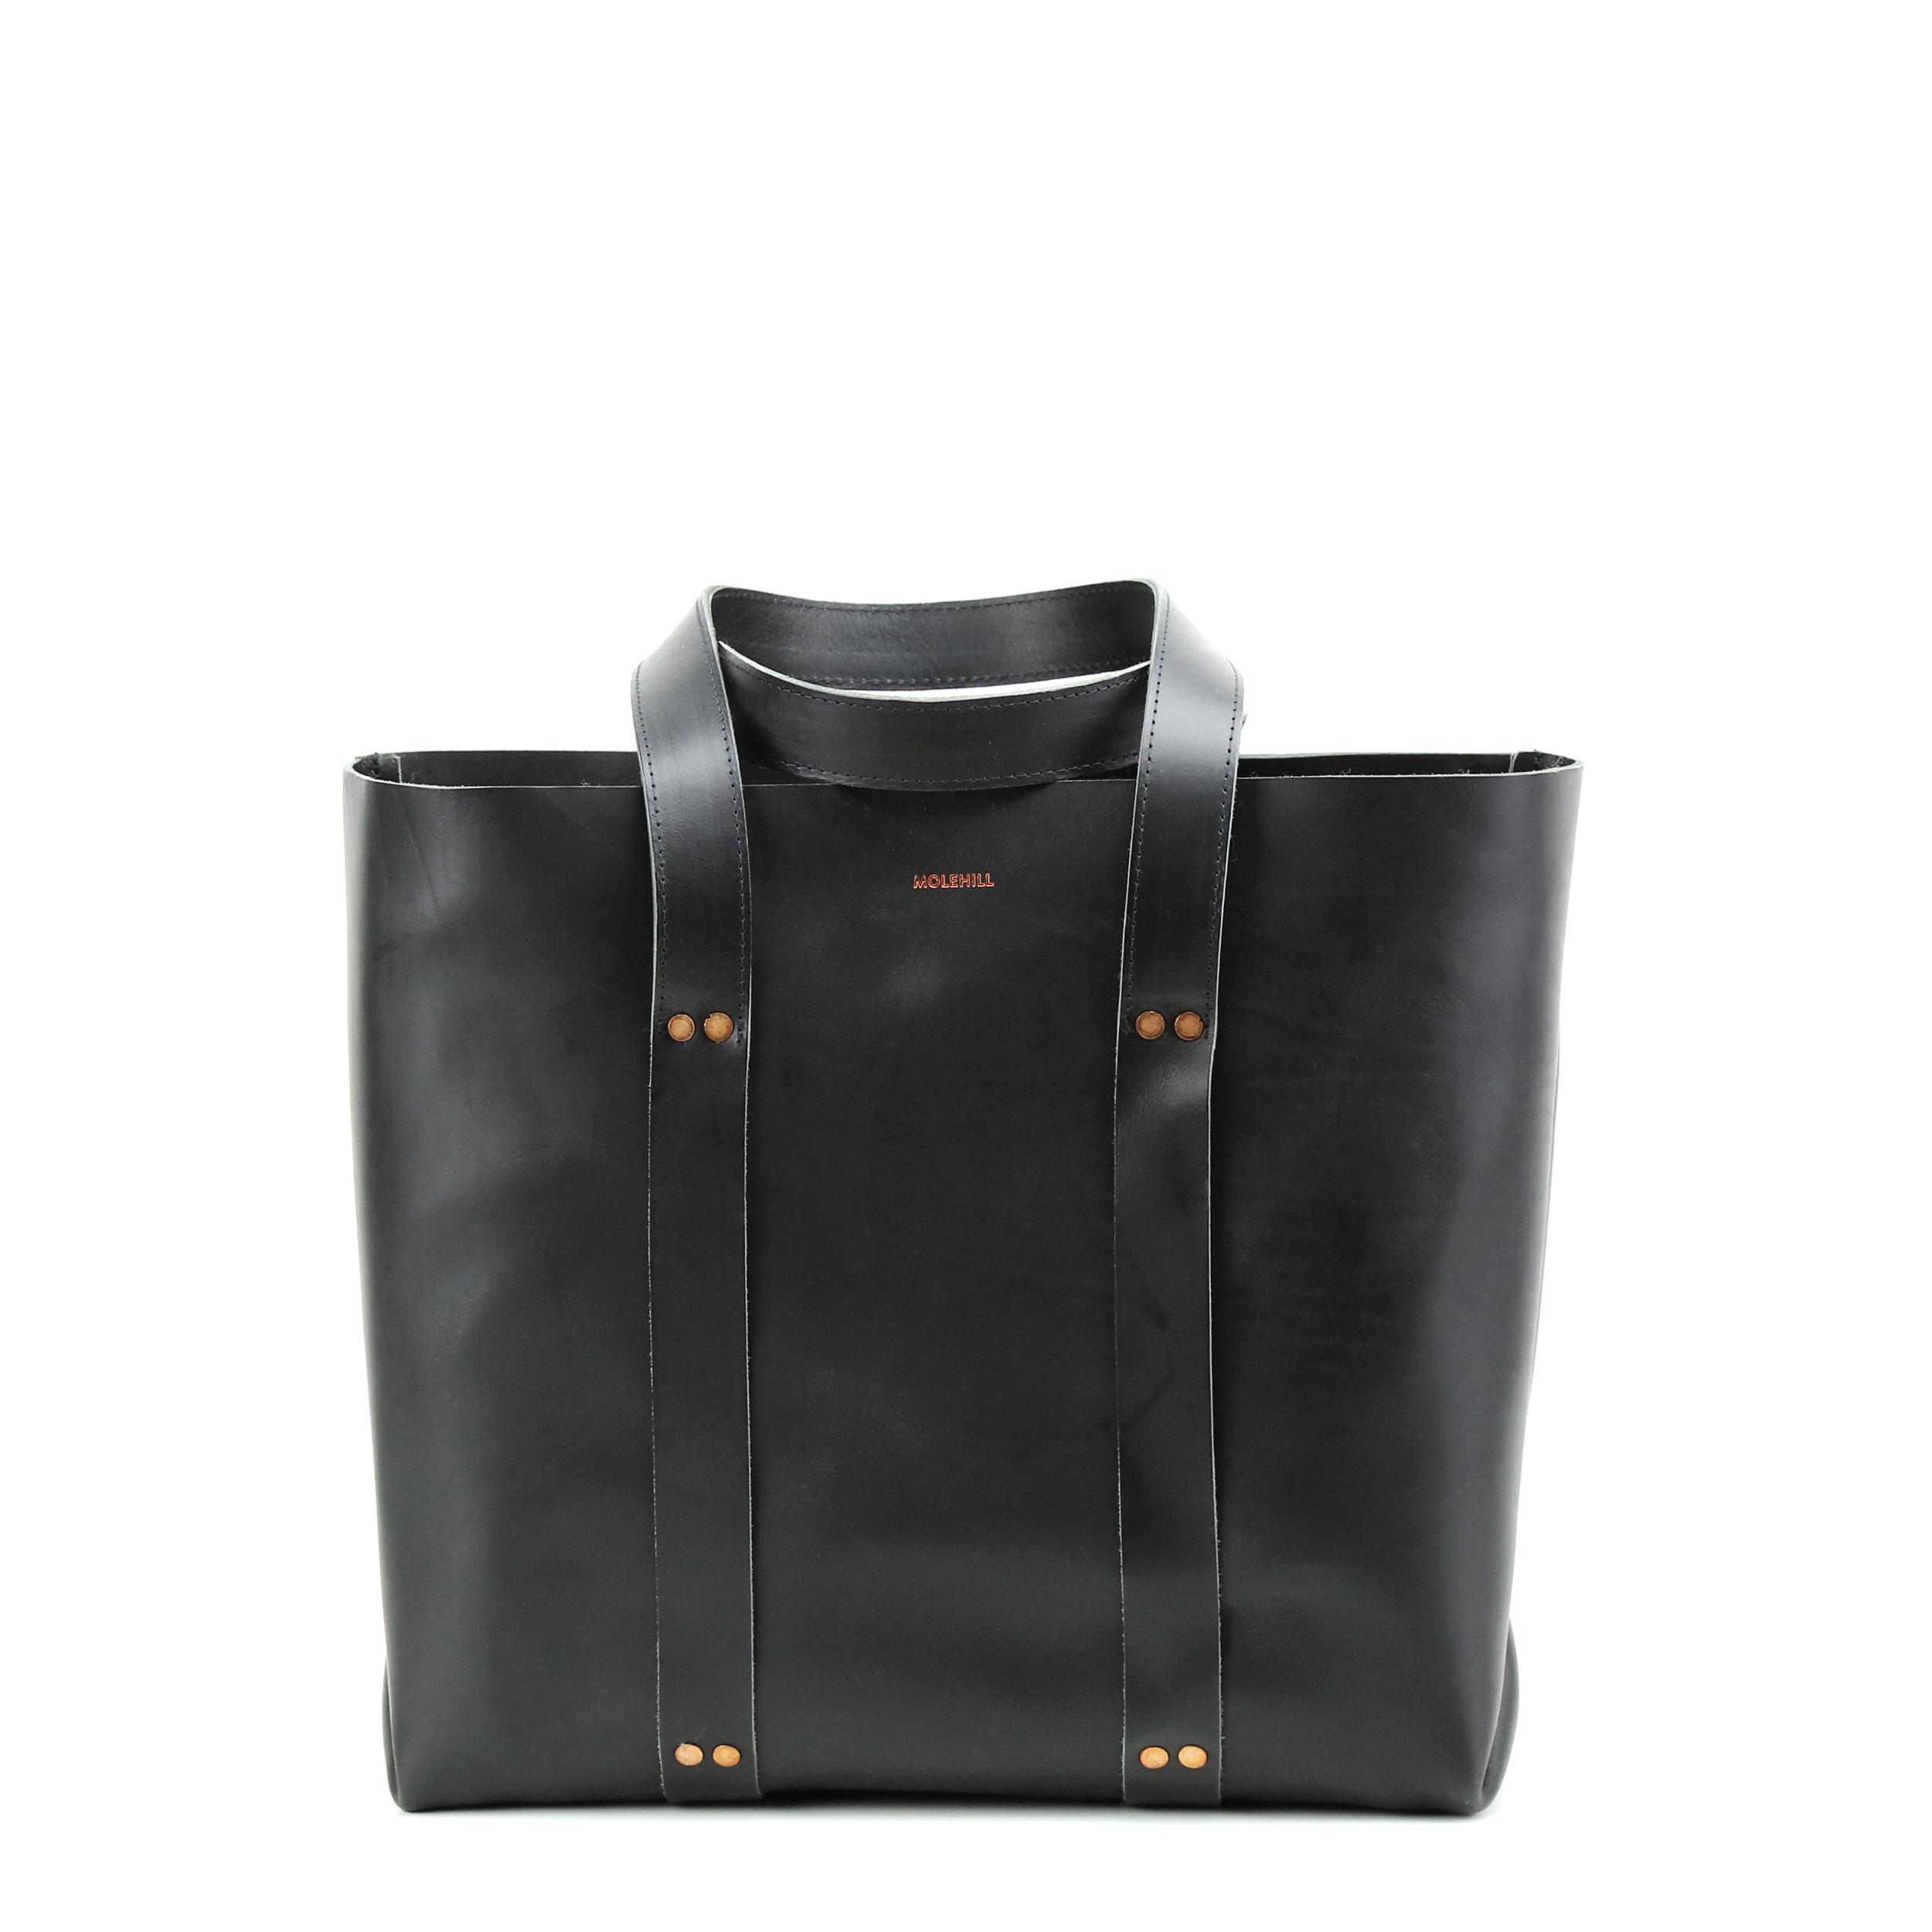 KRAFLA-Shopper-Black-2